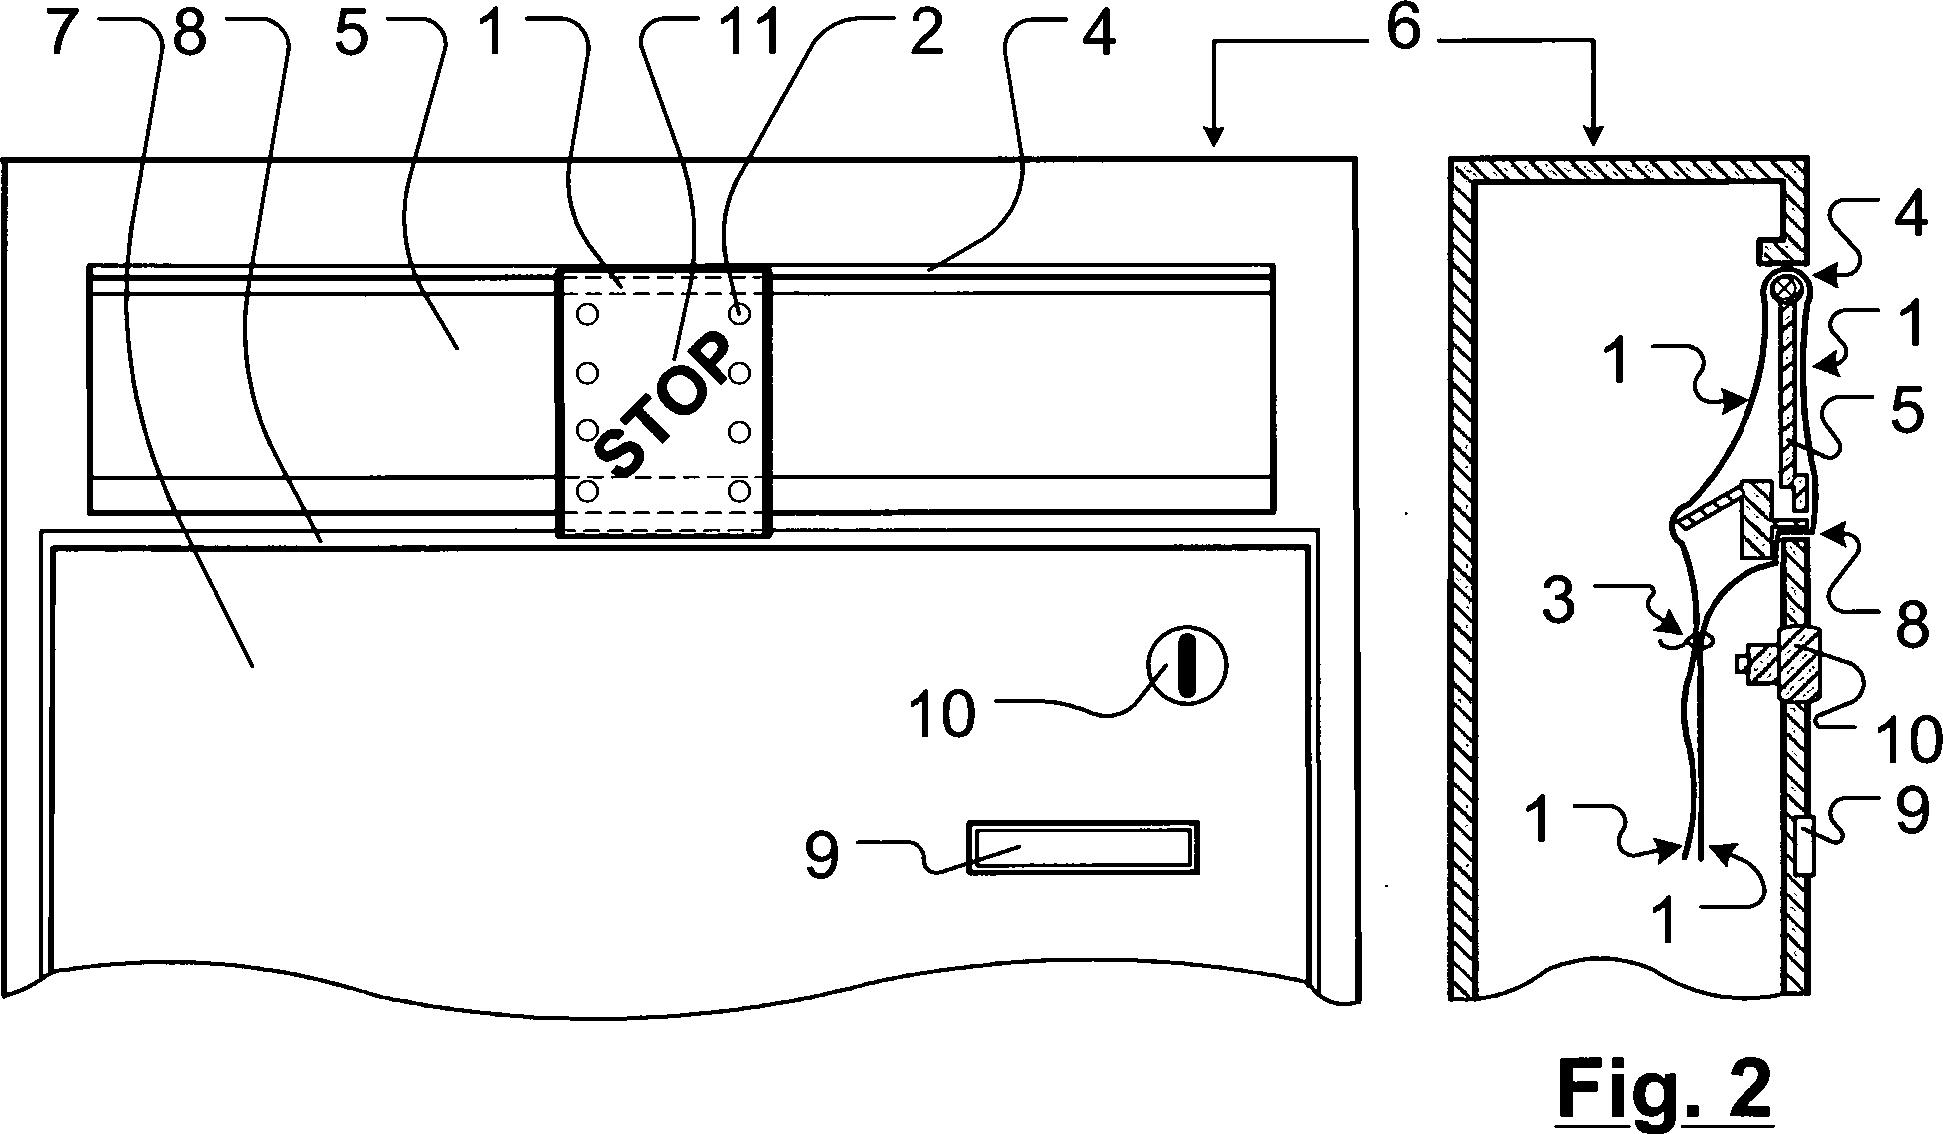 patent de202012007561u1 anpassbares verschlussband f r einwurfklappen von post und. Black Bedroom Furniture Sets. Home Design Ideas